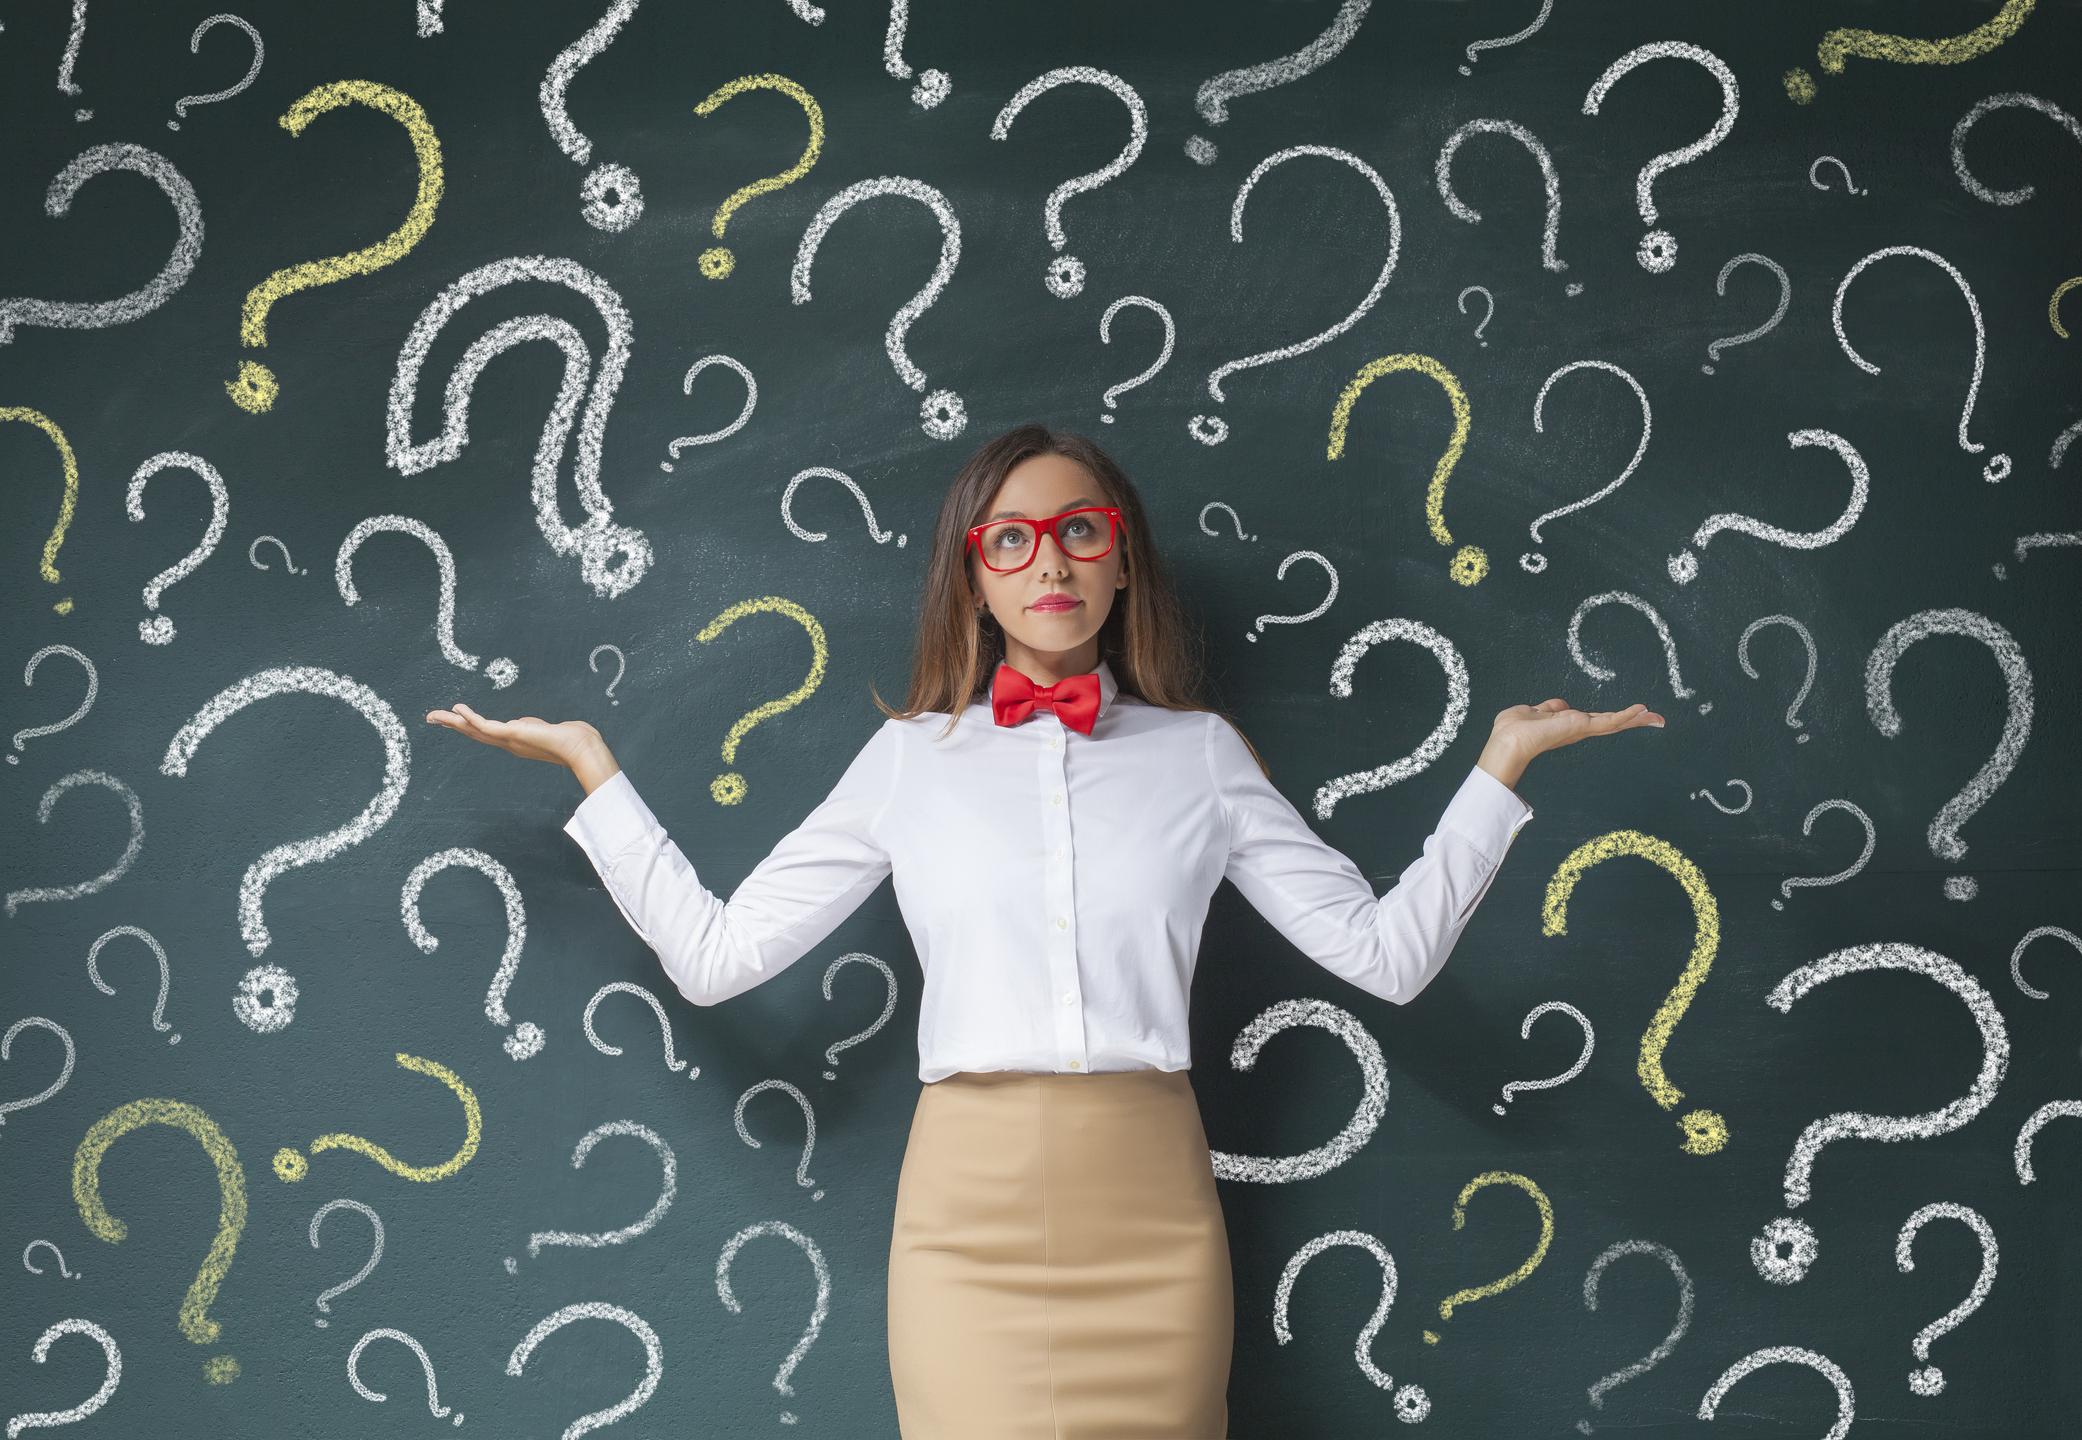 なぜWiMAXプロバイダは口座振替契約を廃止するのか?